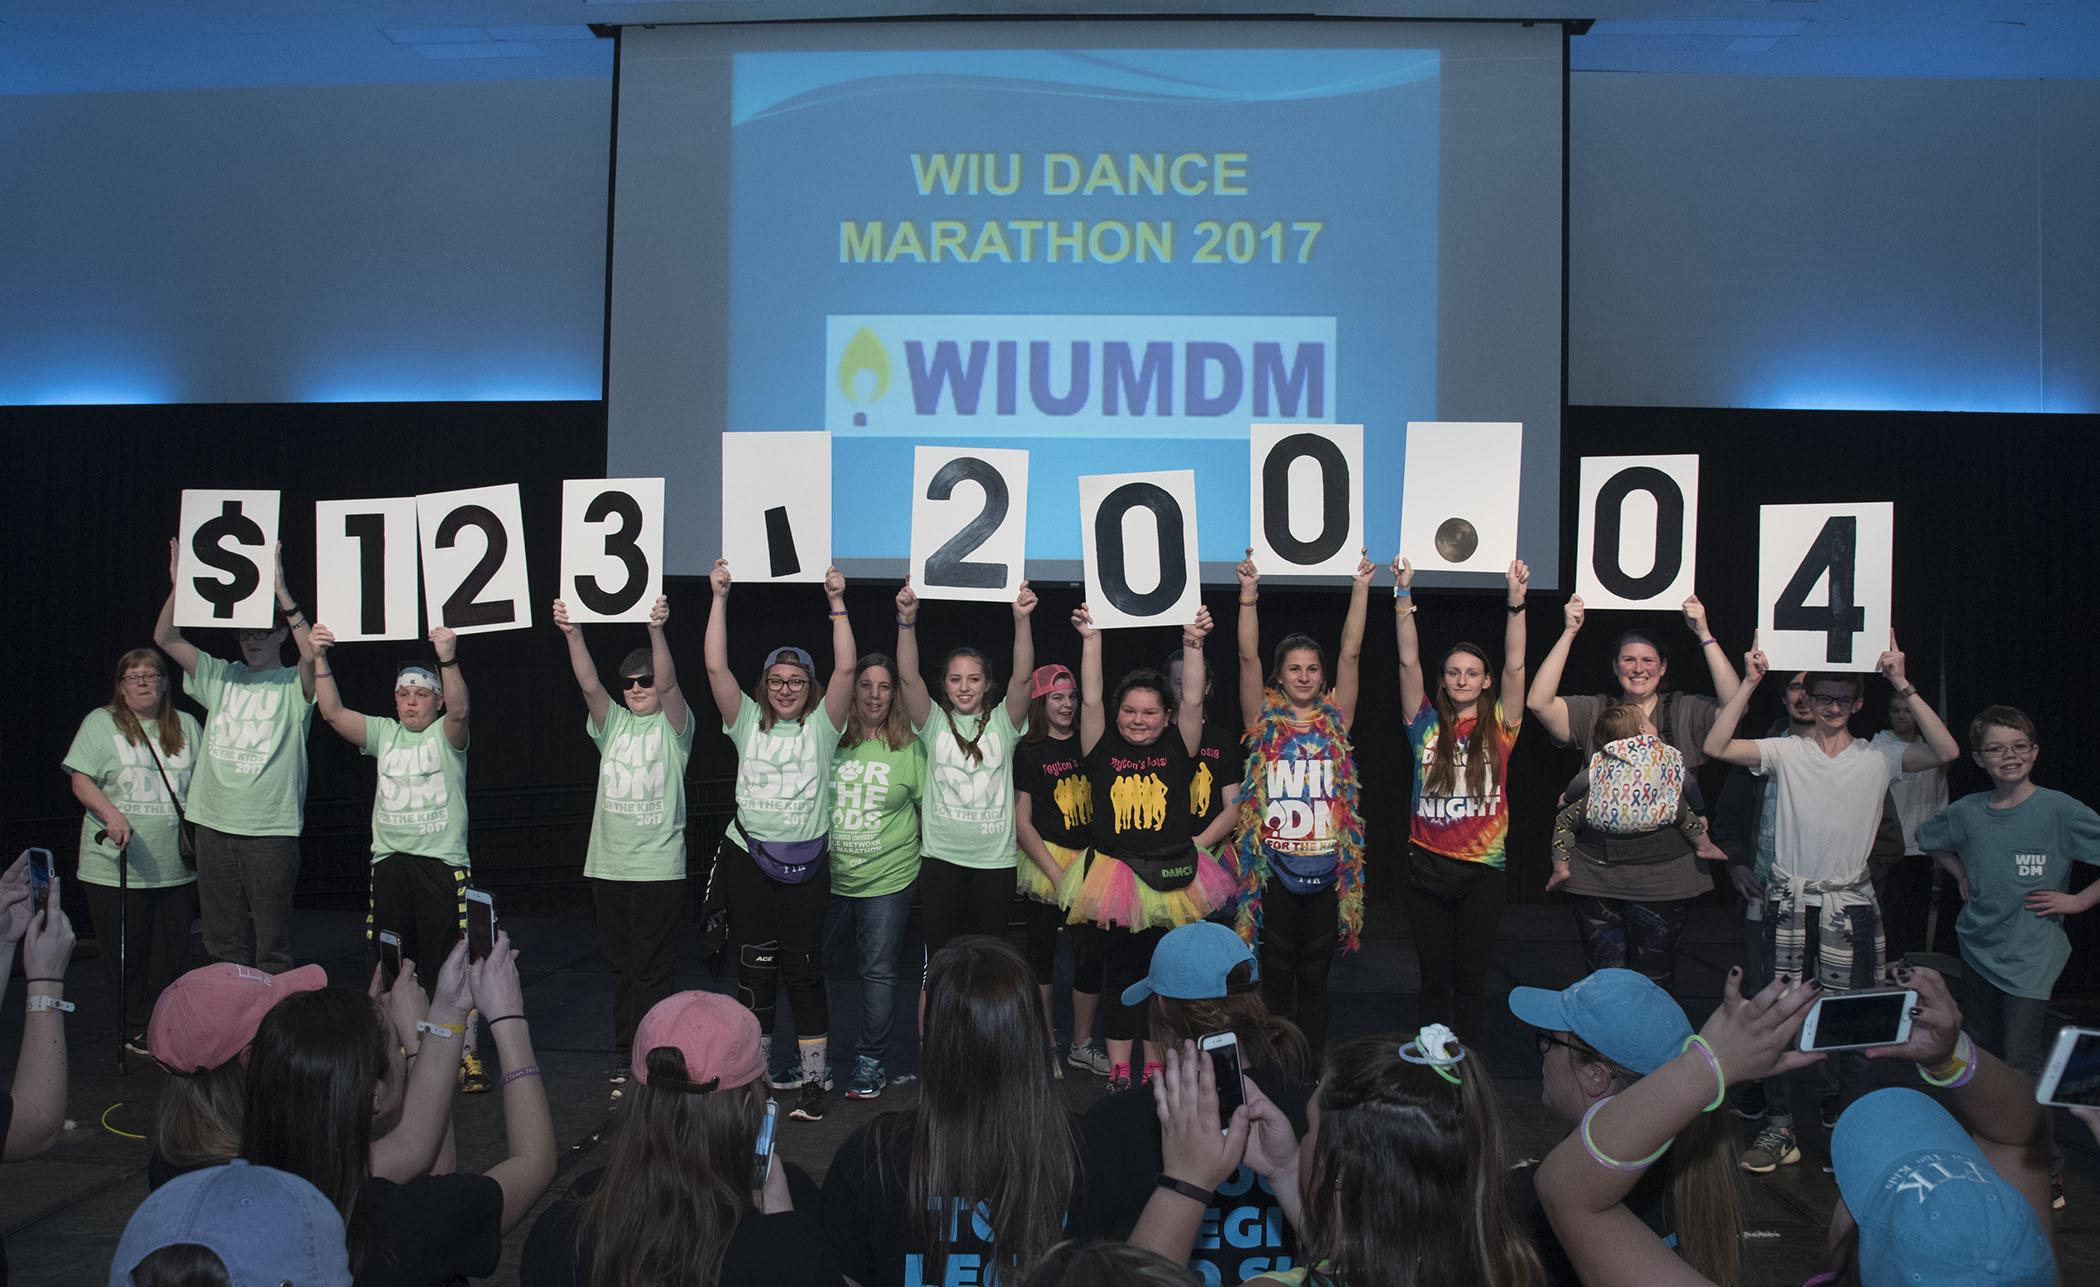 Dance Marathon 2017